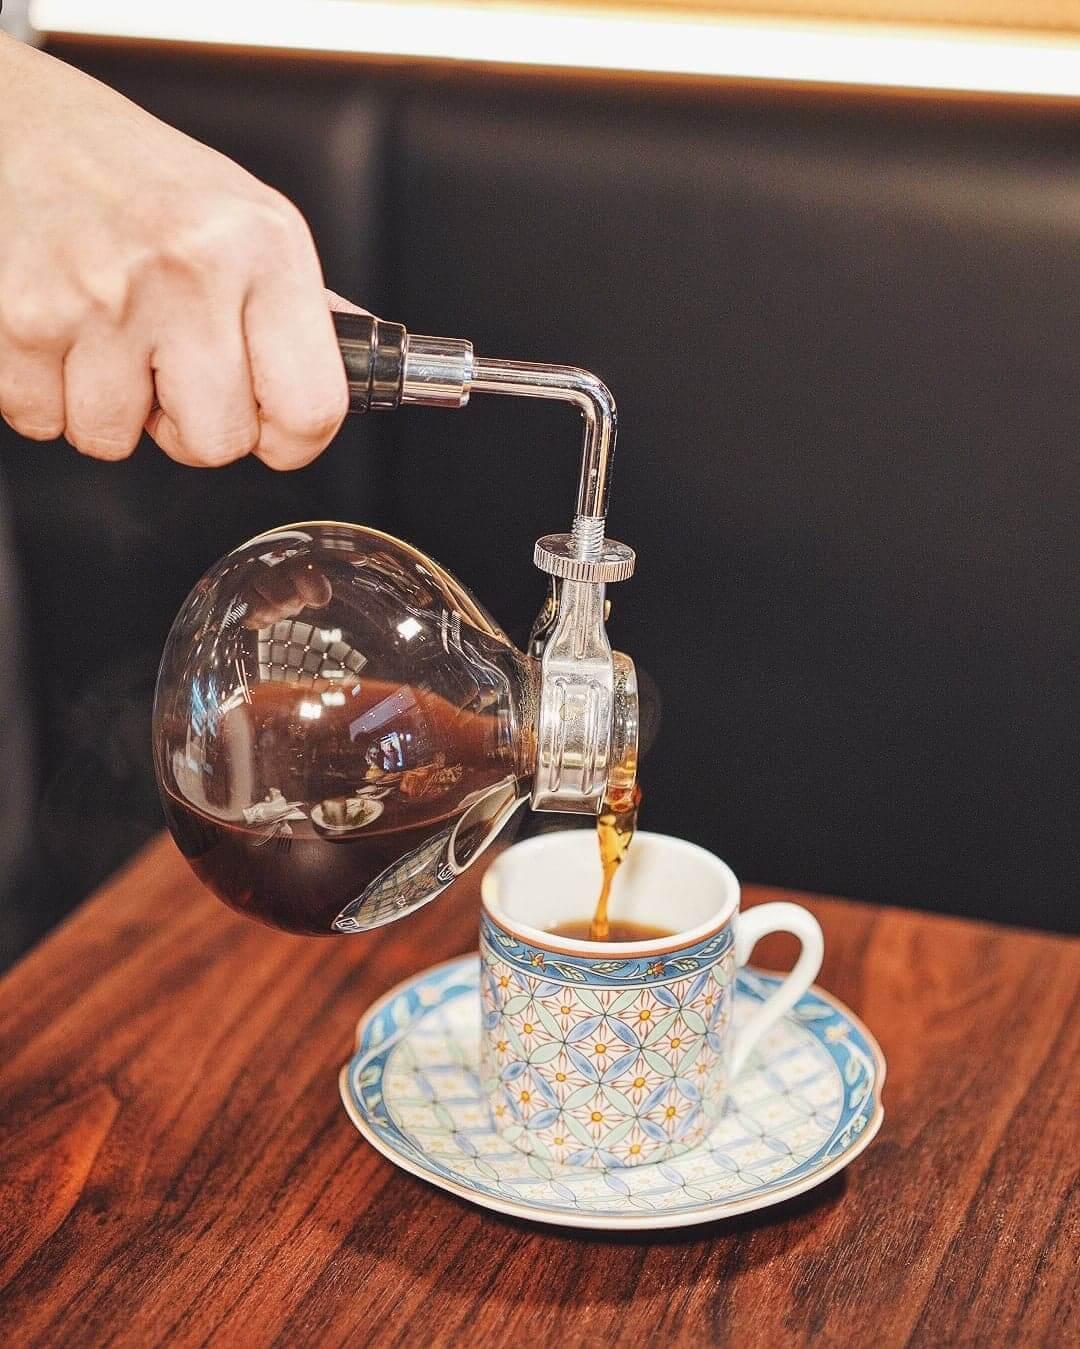 作為昭和喫茶店,店員會親自將煮好嘅咖啡,倒入客人自選嘅杯中。